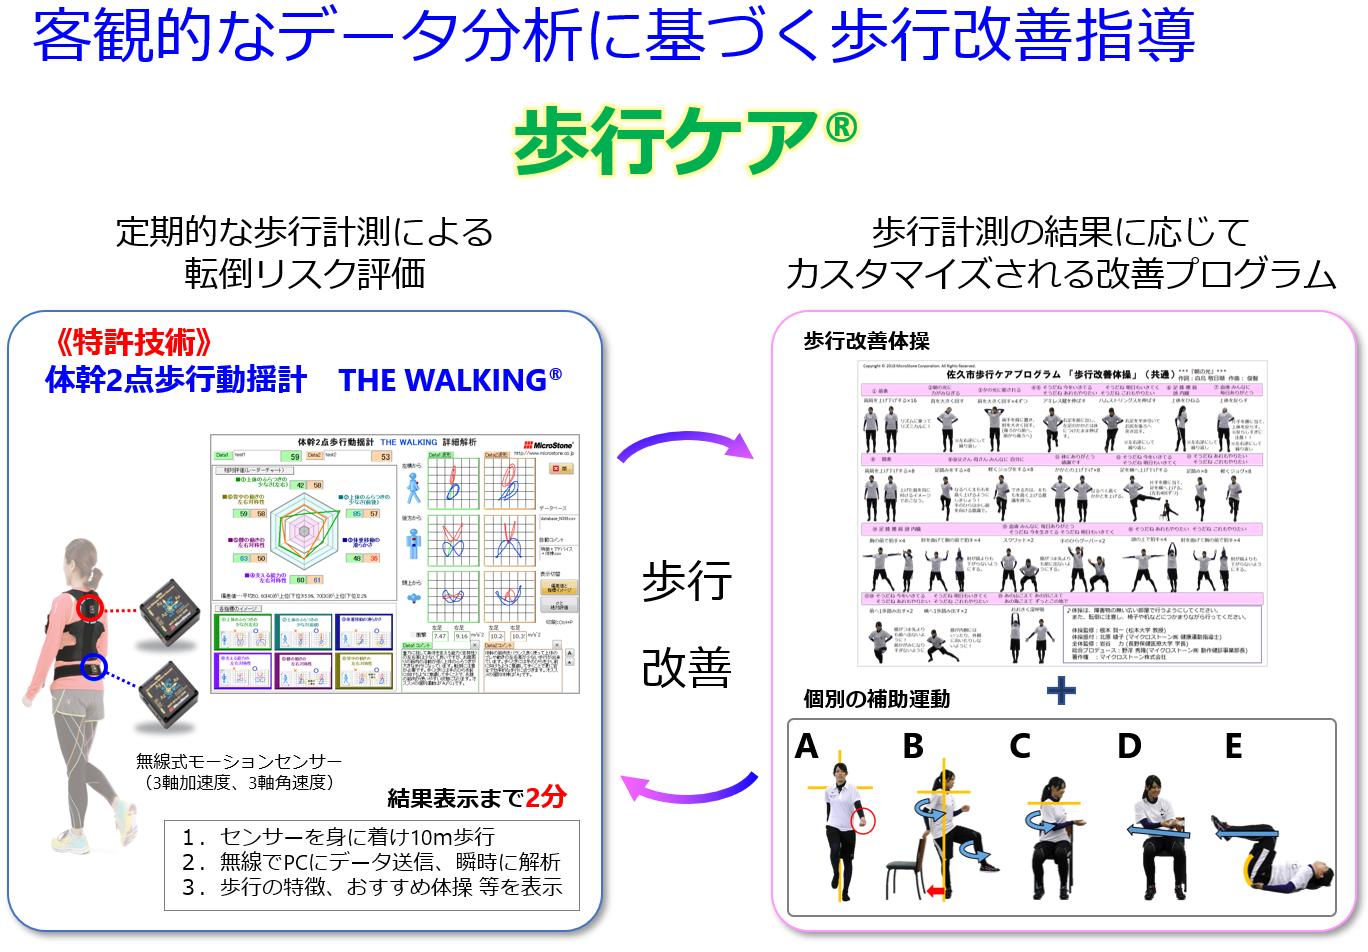 歩行ケアの方法(定期的な歩行計測と日々の改善運動)